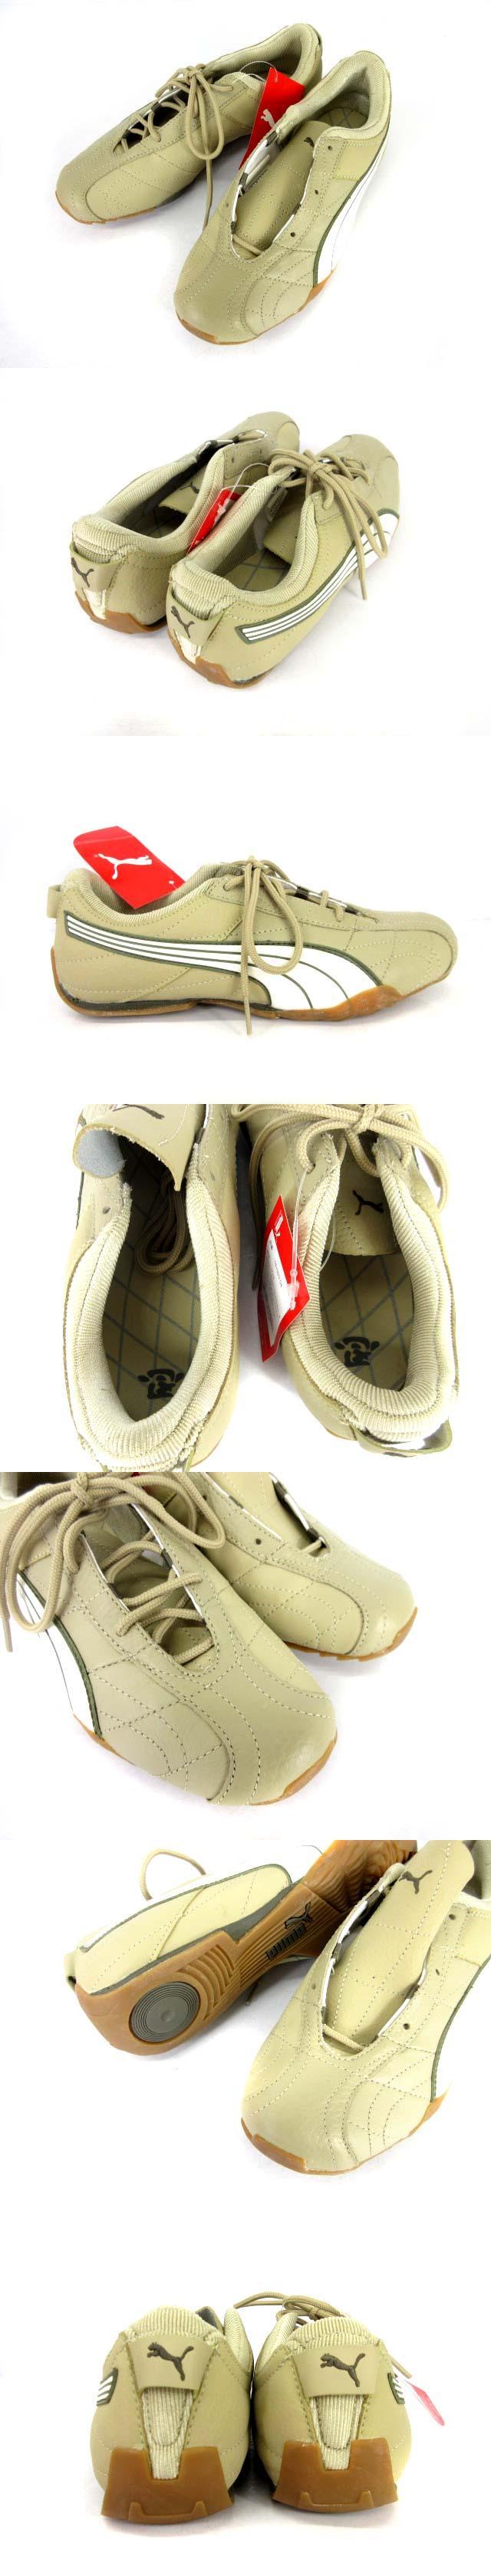 スニーカー アイキ 靴 忍 ベージュ 24cm 181923 04 0526